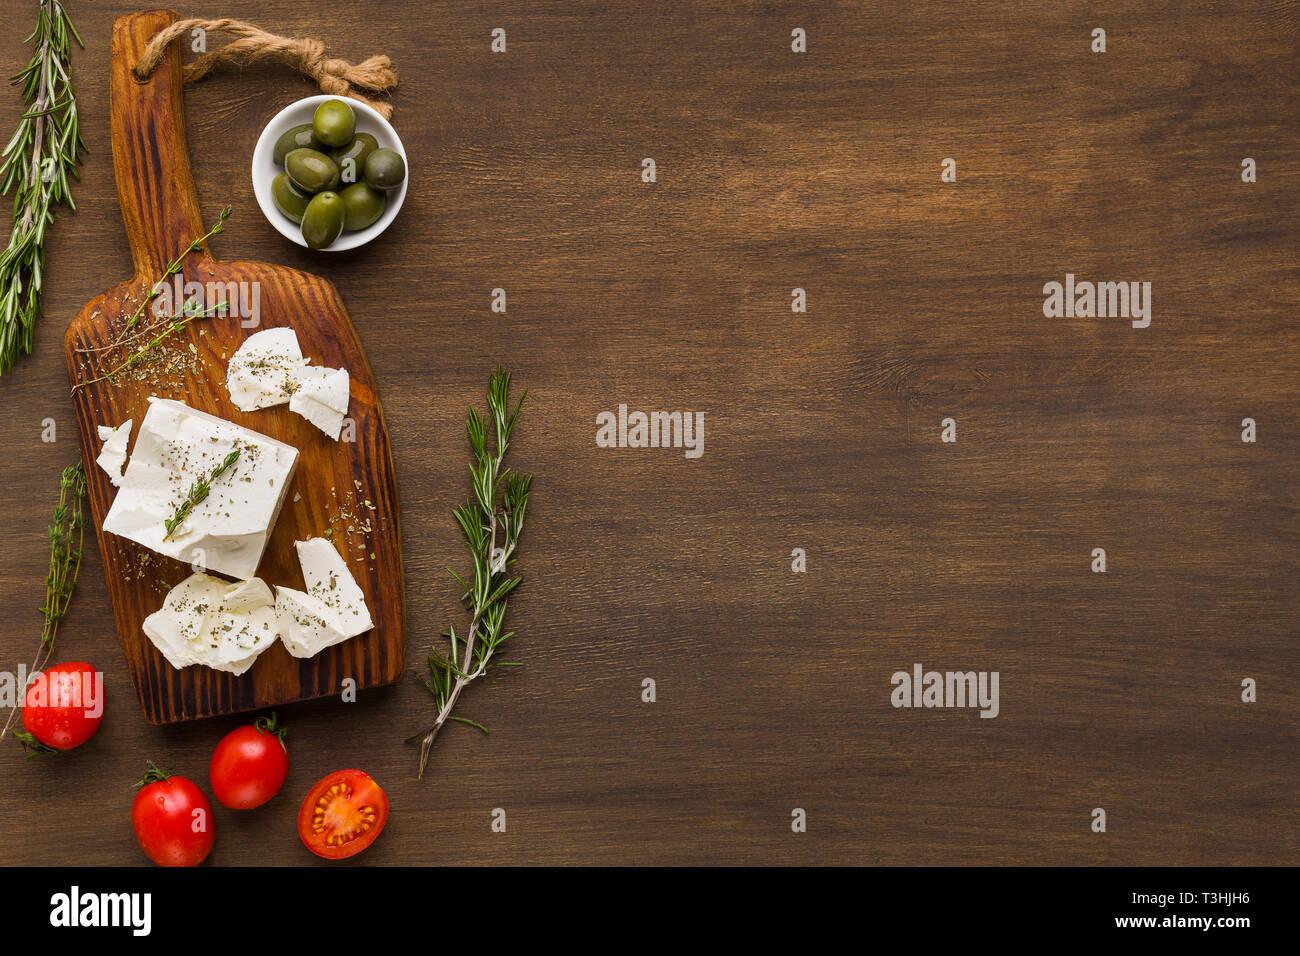 Griechische Küche Rezepte Konzept Stockfoto, Bild: 243176898 - Alamy